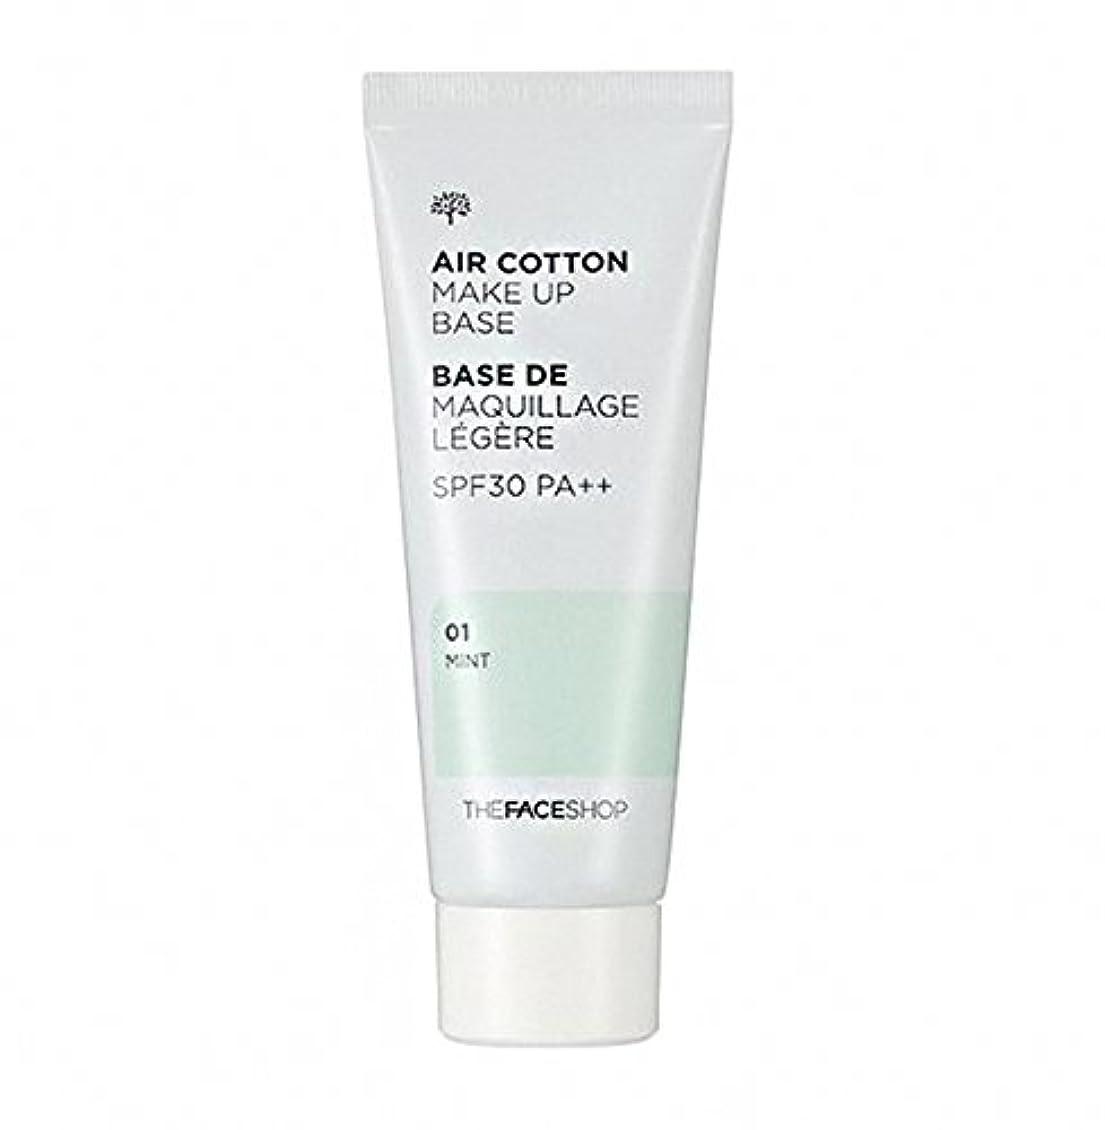 音声配列レタスザ·フェイスショップ The Face Shop エアコットン メーキャップ ベース 40ml(01 ミント) The Face Shop air Cotton Makeup Base 40ml(01 Mint) [海外直送品]